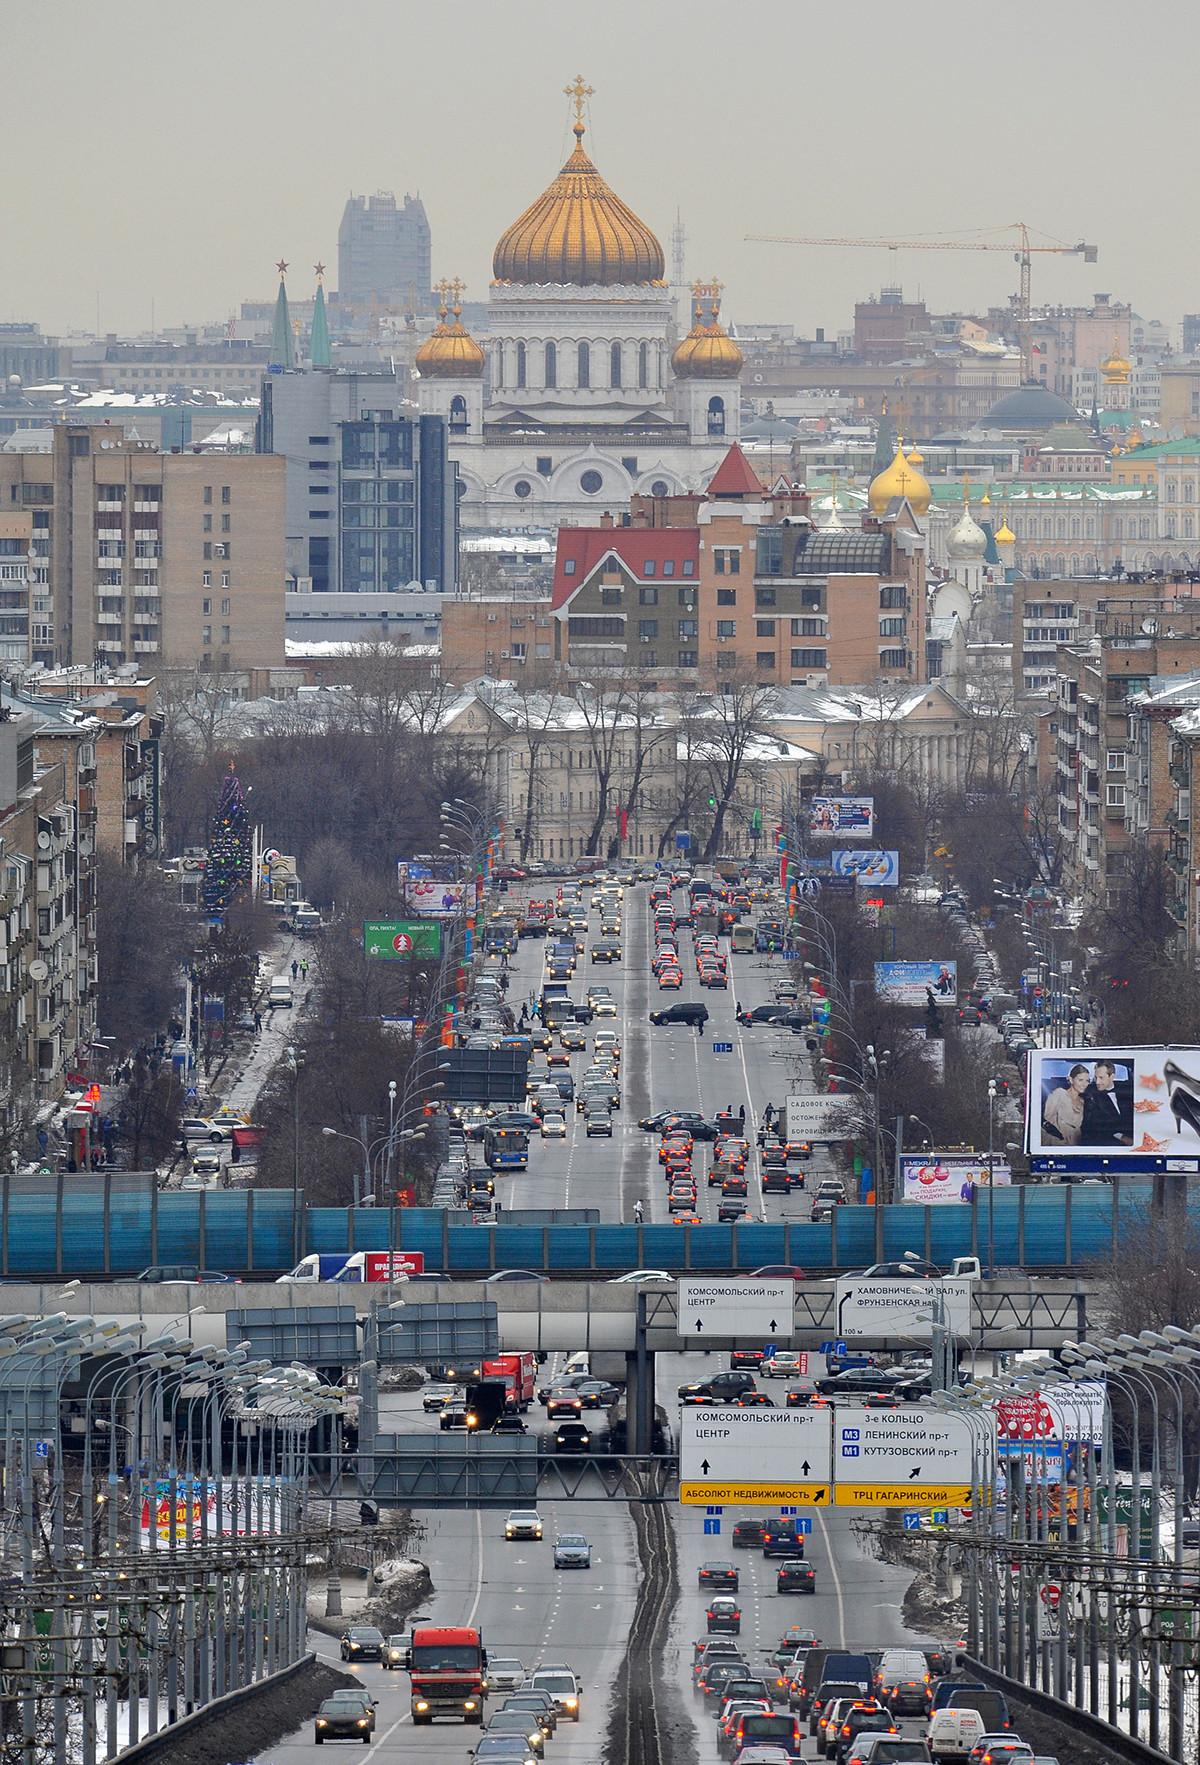 La circulation dans Moscou. La cathédrale du Christ-Sauveur est visible en arrière-plan